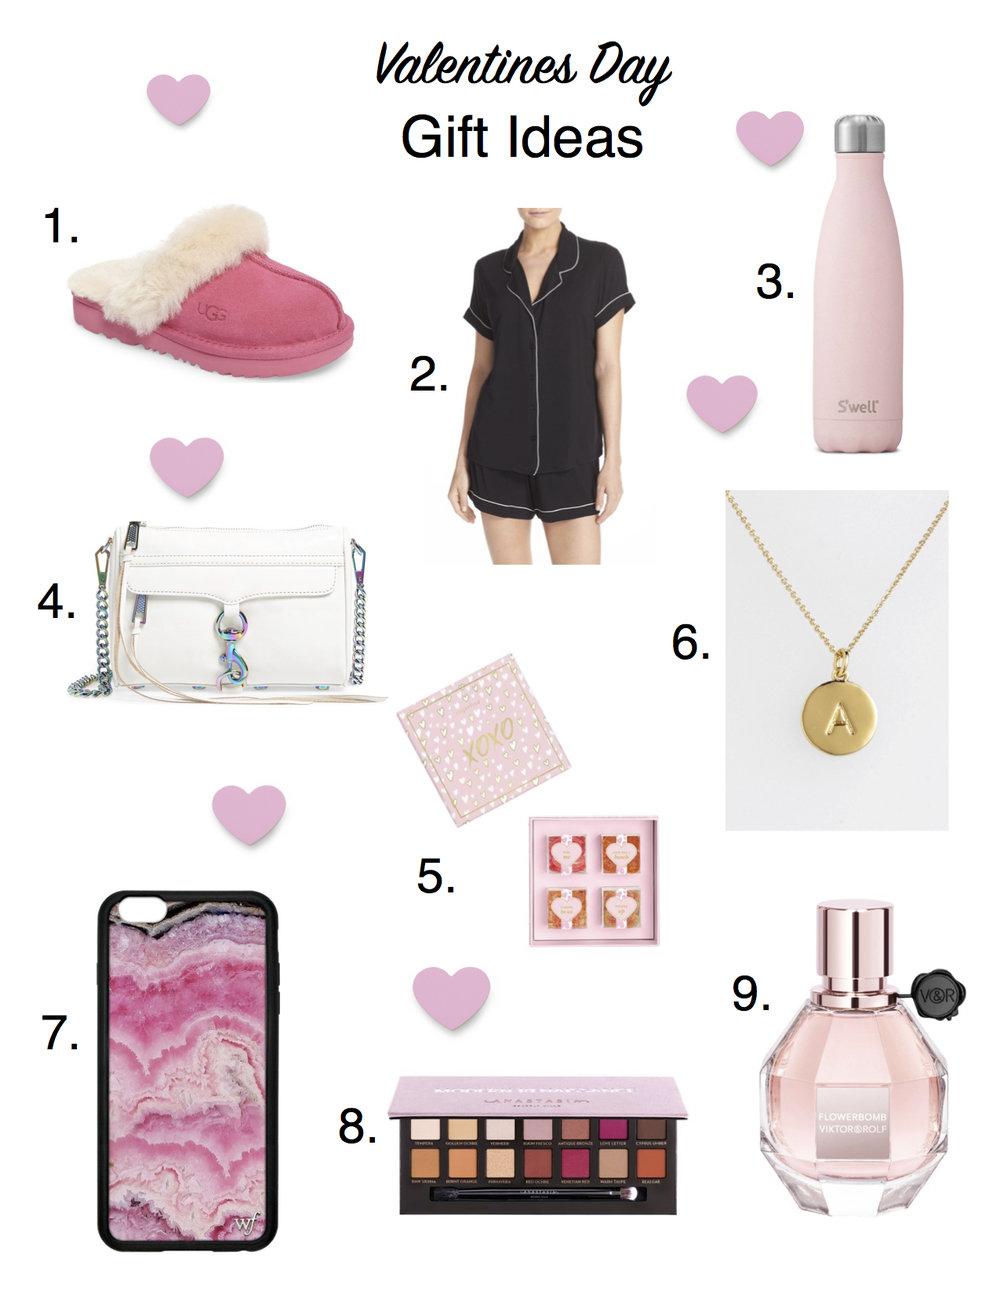 valentines day gift ideas.jpg